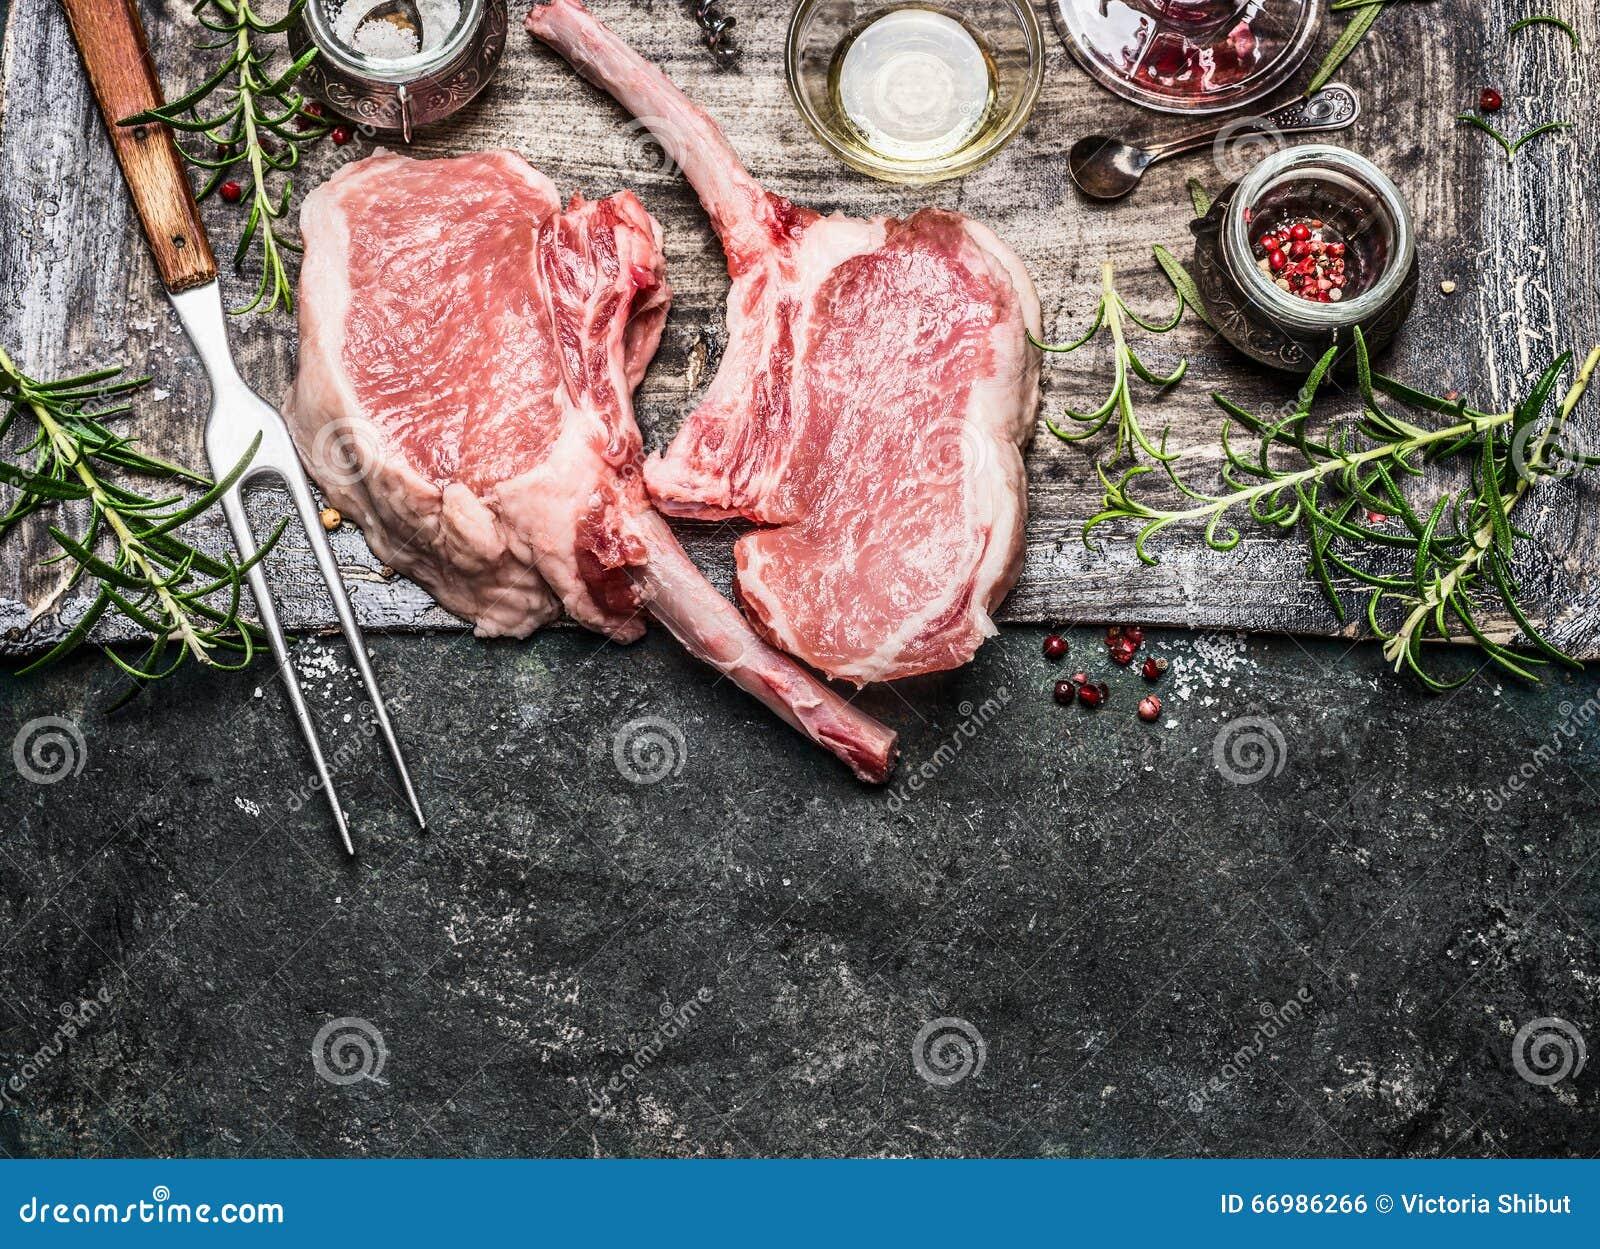 Os bifes de costeleta crus da carne de porco com carne bifurcam-se, óleo e especiarias para a grade ou cozimento no fundo rústico